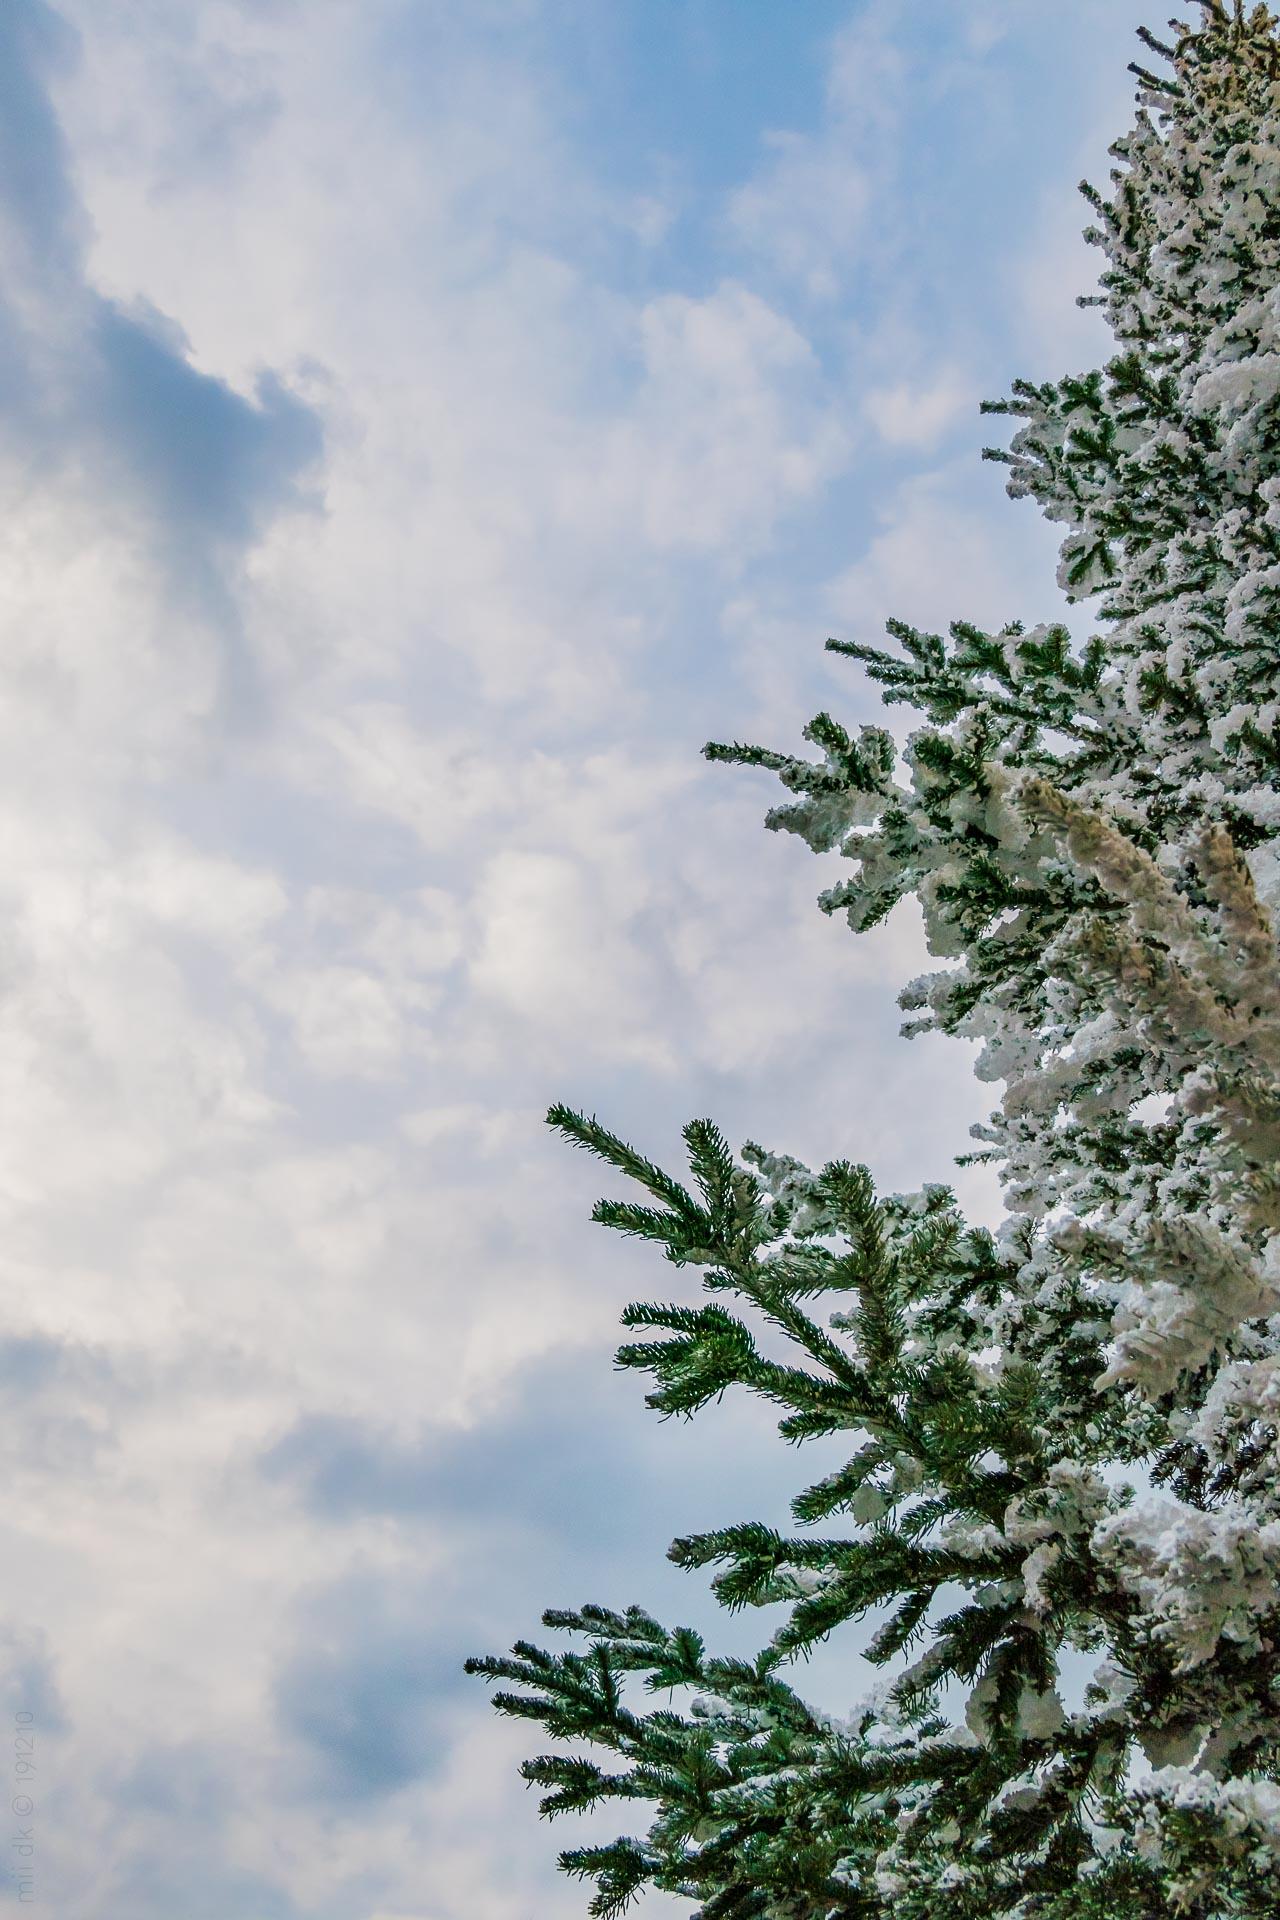 Juletræ dækket af sne med en blå himmel i baggrunden.